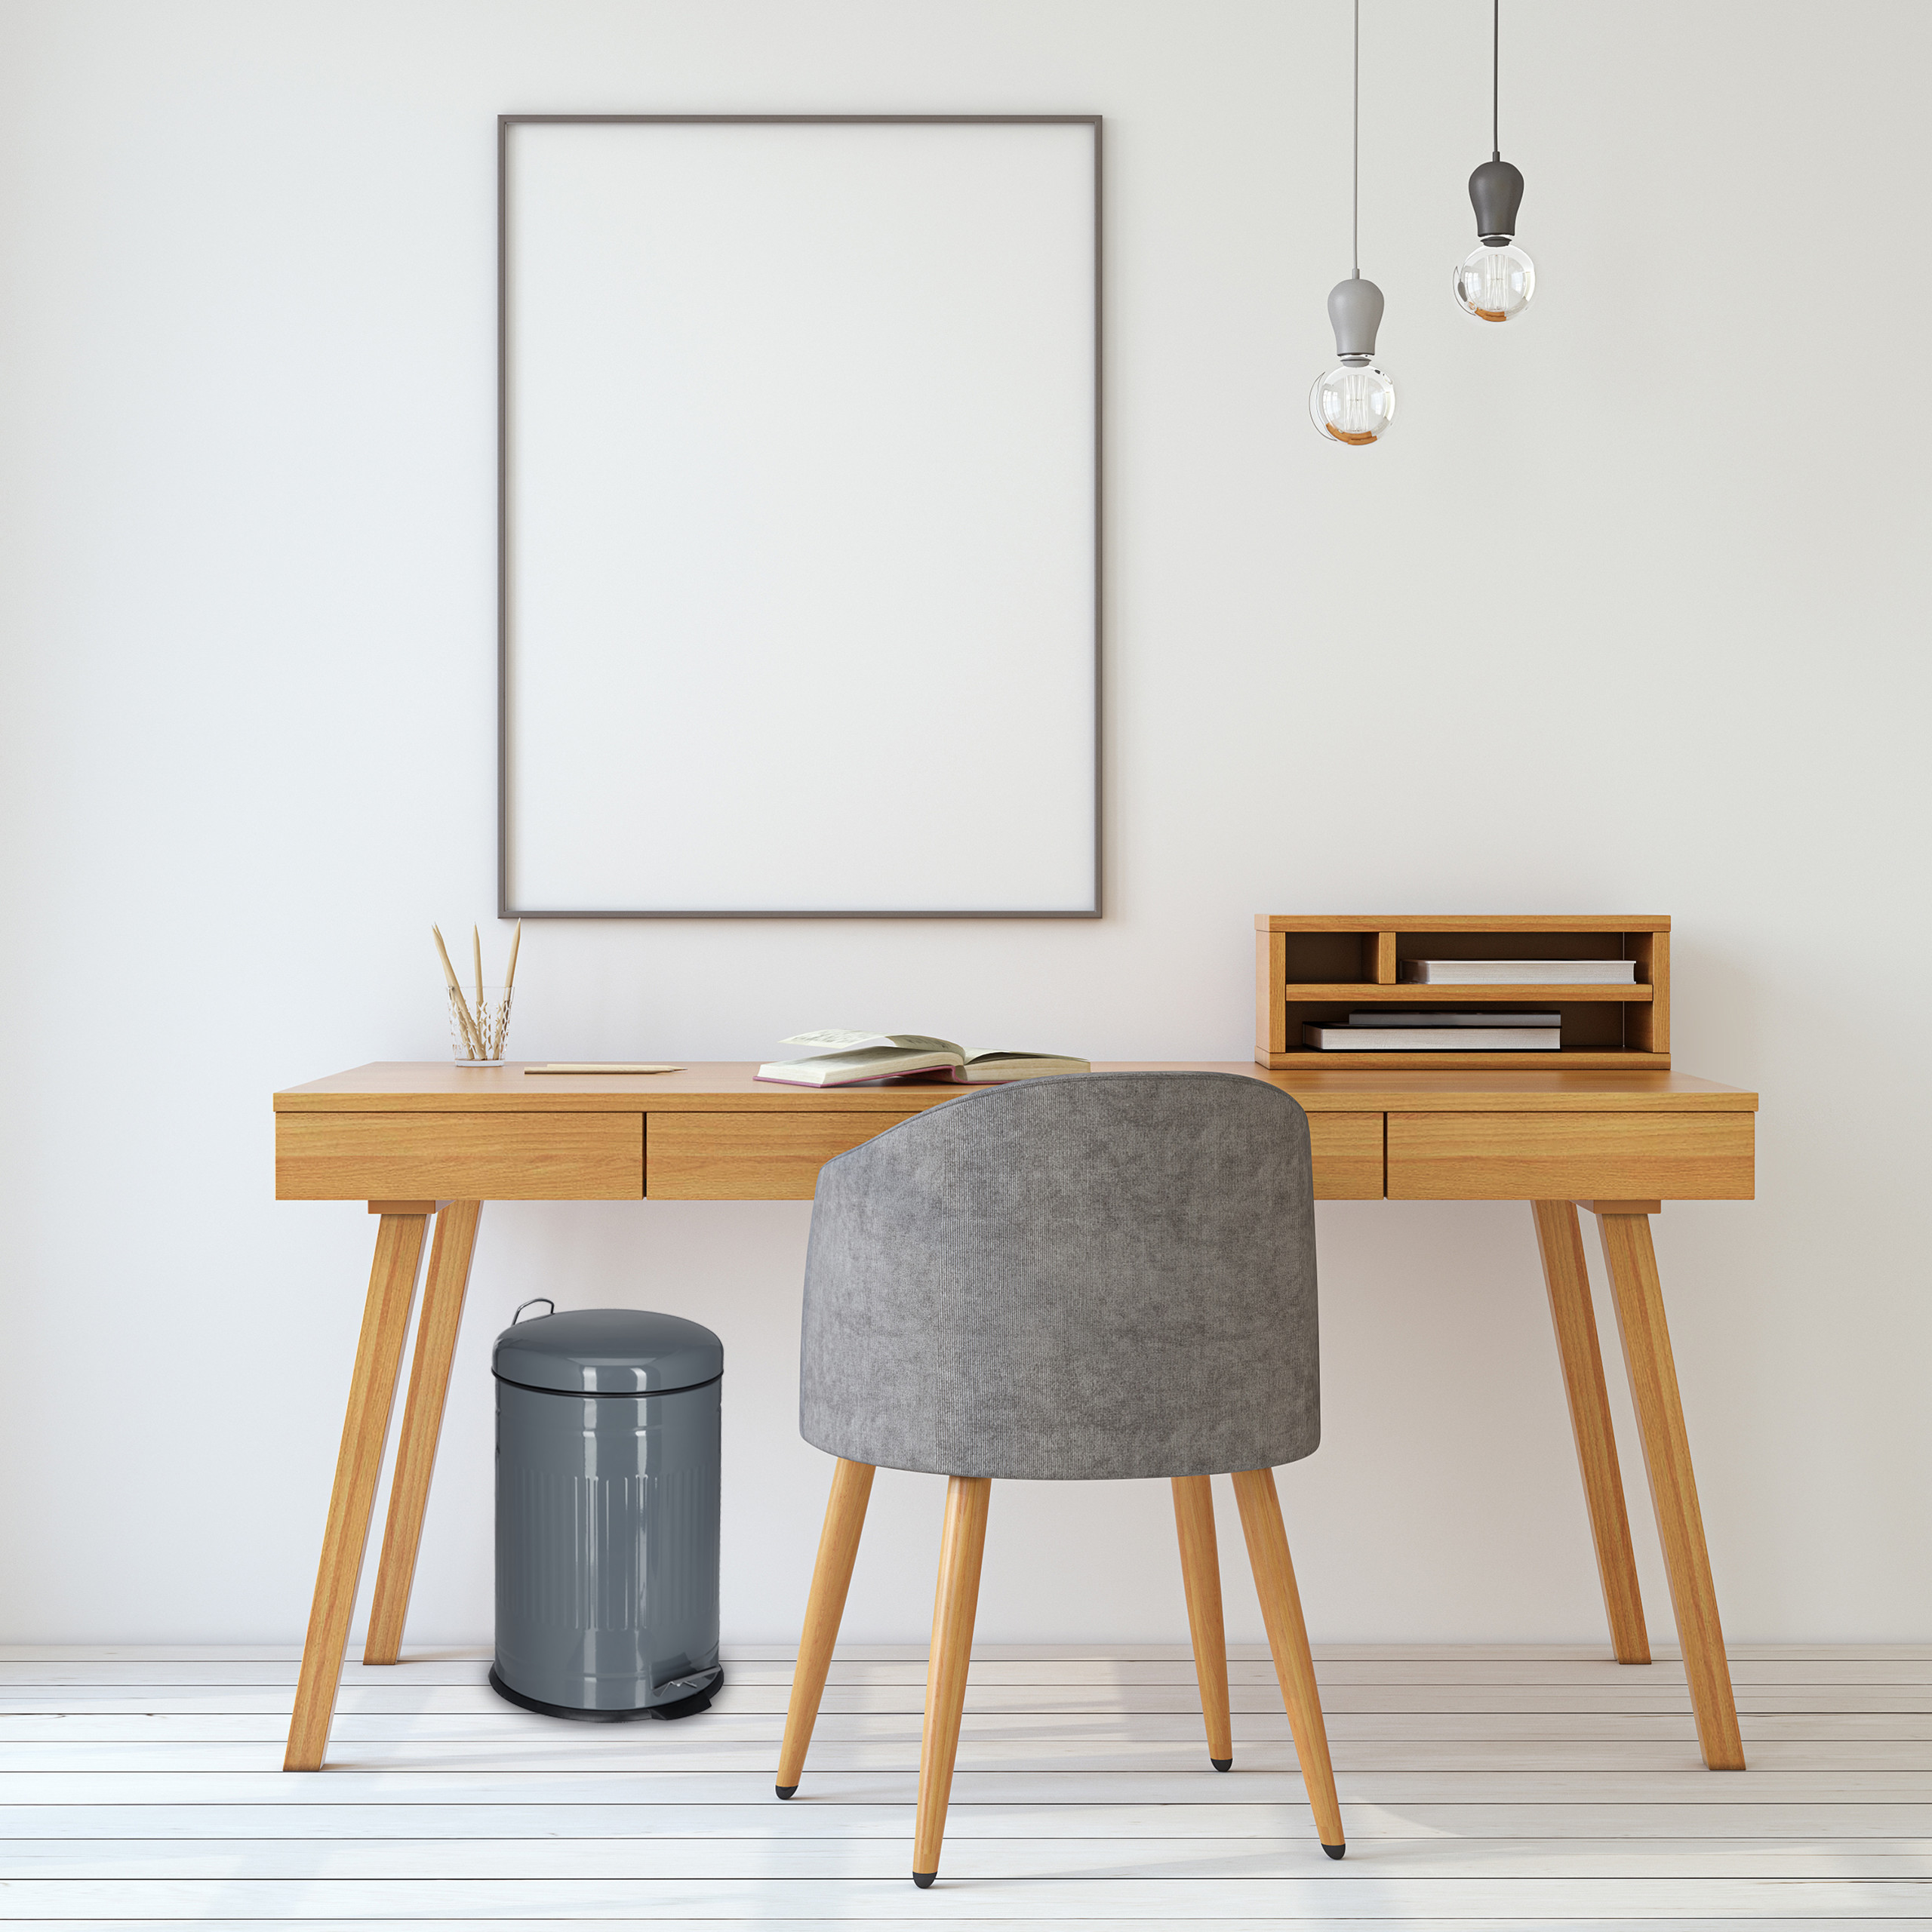 Treteimer 20l Trittmülleimer Mülleimer Küche Tretmülleimer Edelstahl Inneneimer